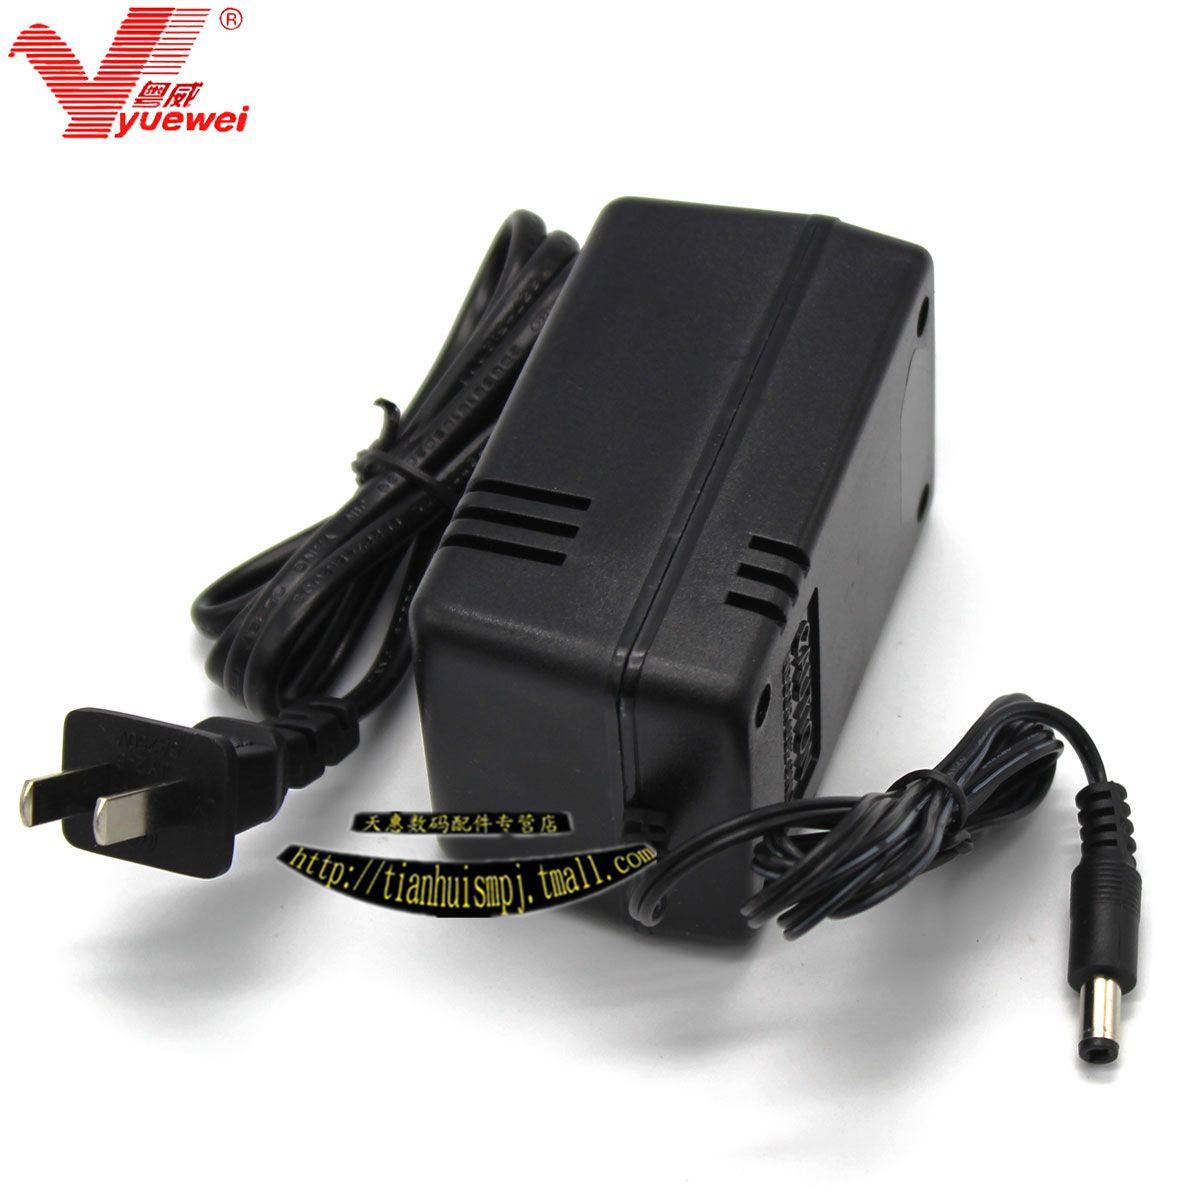 华星H2000 H6199 H1800 H2200 H2100粤威牌12V变压器通电子琴电源